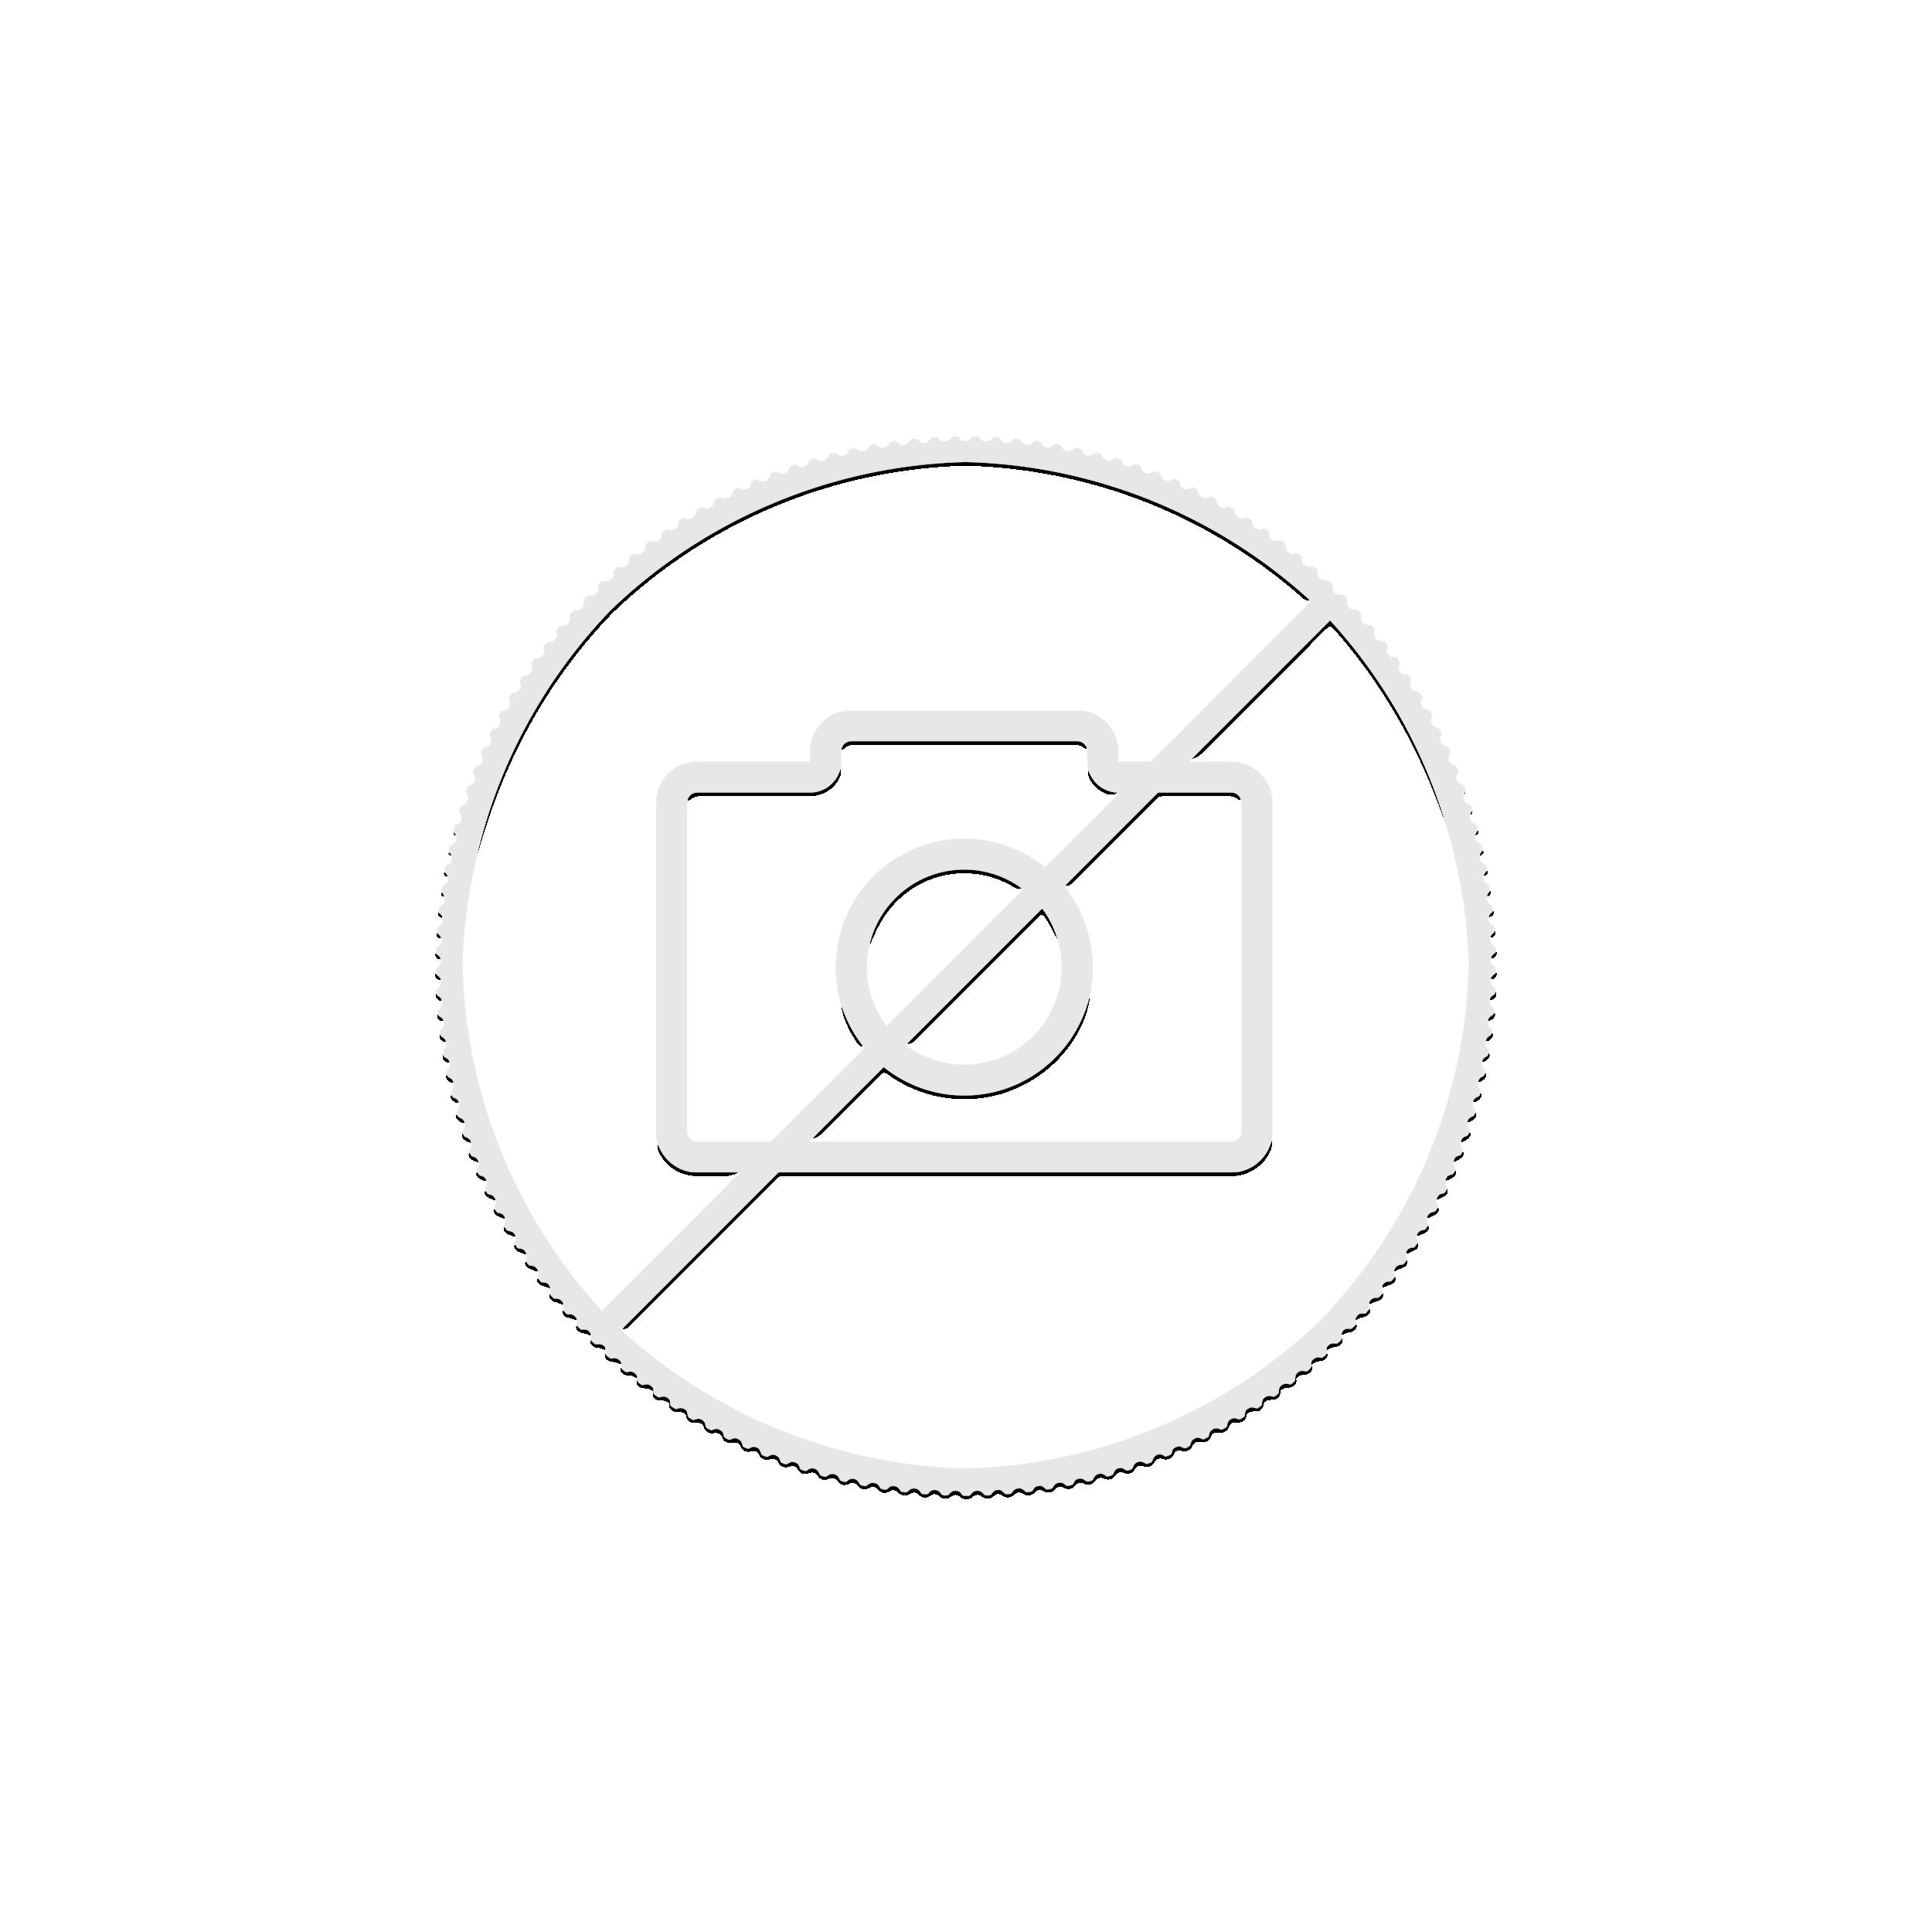 1/2 Troy ounce silver coin Lunar 2015